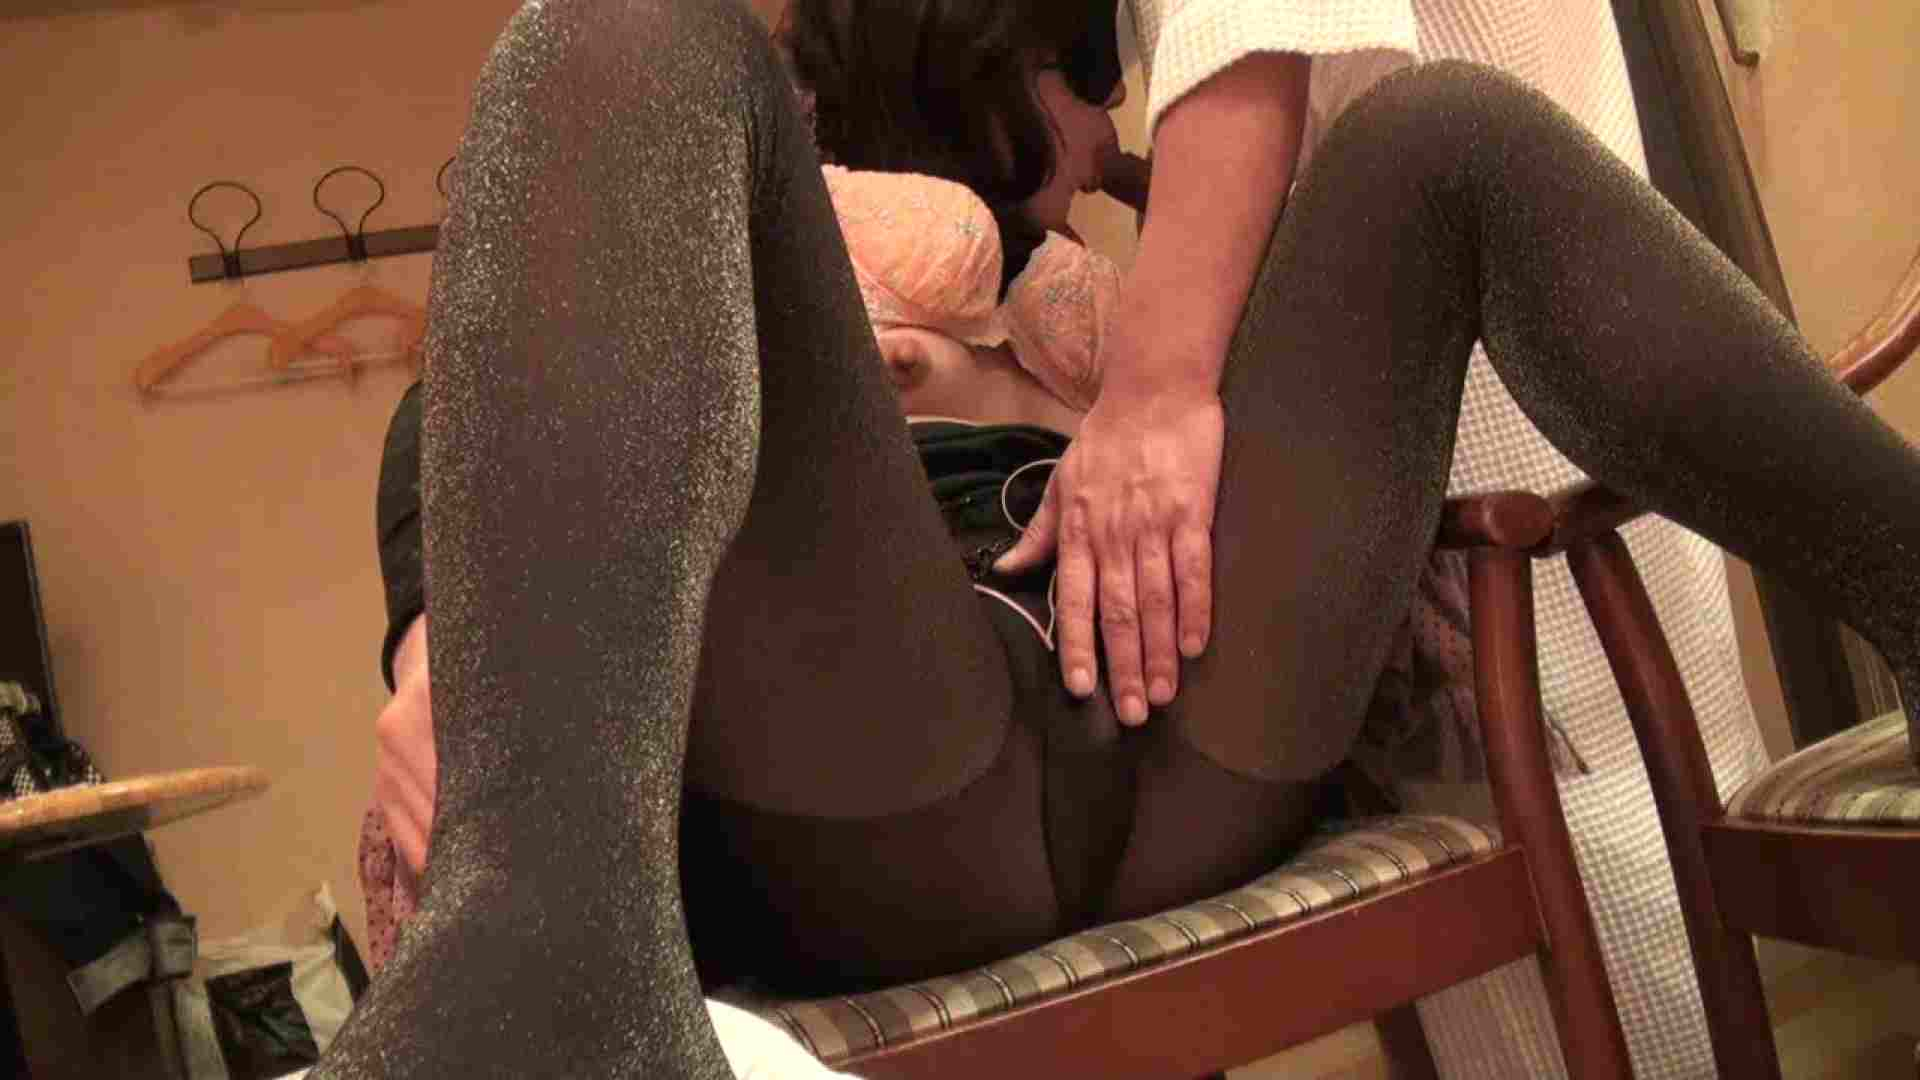 32才バツイチ子持ち現役看護婦じゅんこの変態願望Vol.2 マンコ・ムレムレ ぱこり動画紹介 102pic 52